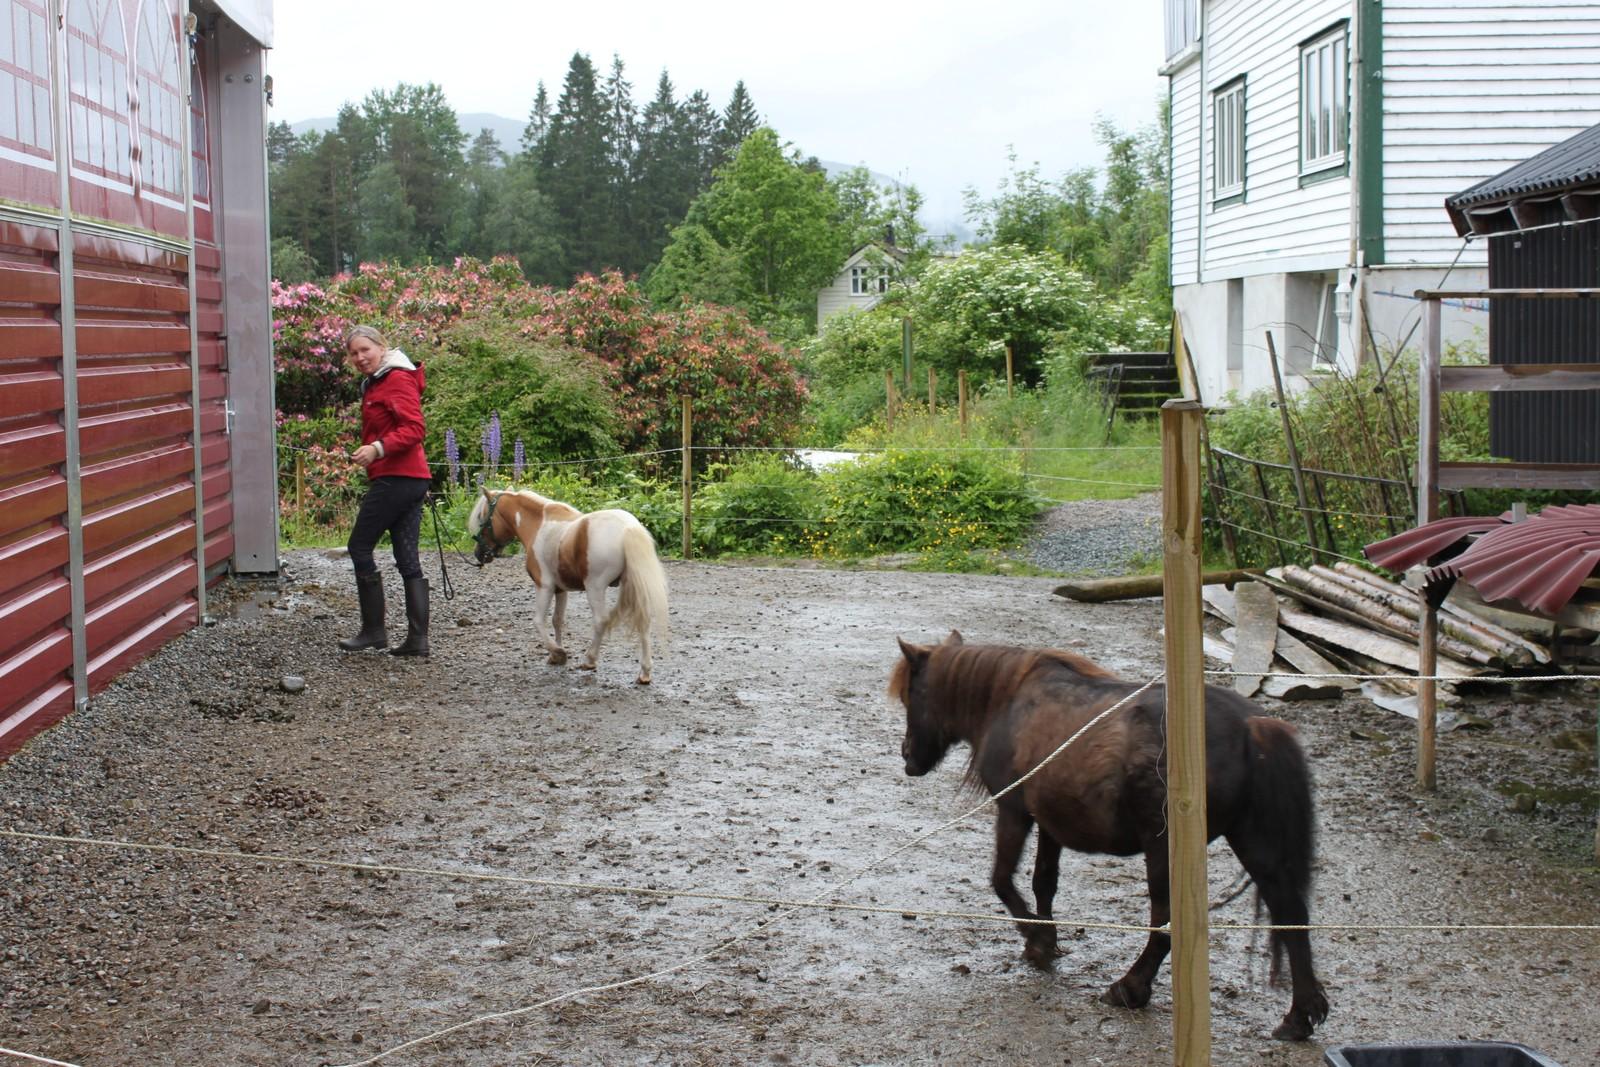 INN I MANESJEN: Ein eigen hestemanesje og aktivitetshall for dei som kjem på besøk er det óg på garden. Når det er tid for eine hesten å gjere litt veddelaupskunstar, fylgjer eine kameraten med inn.